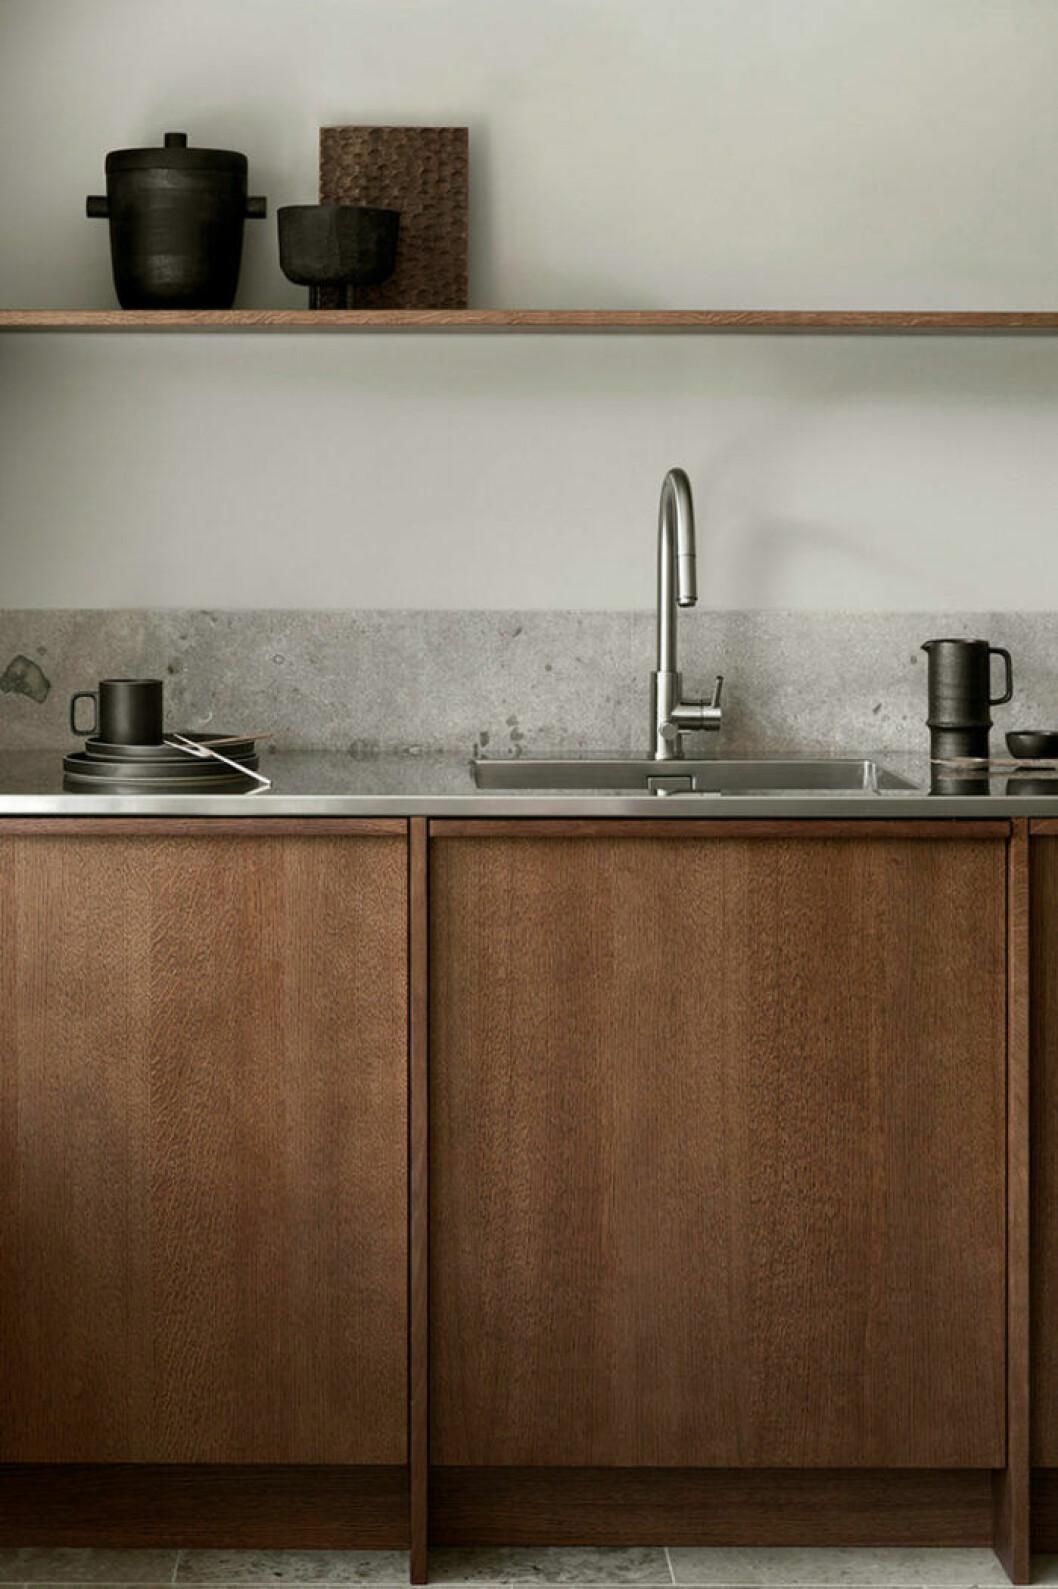 Ek och gotländsk sandsten i ett kök från Nordiska kök